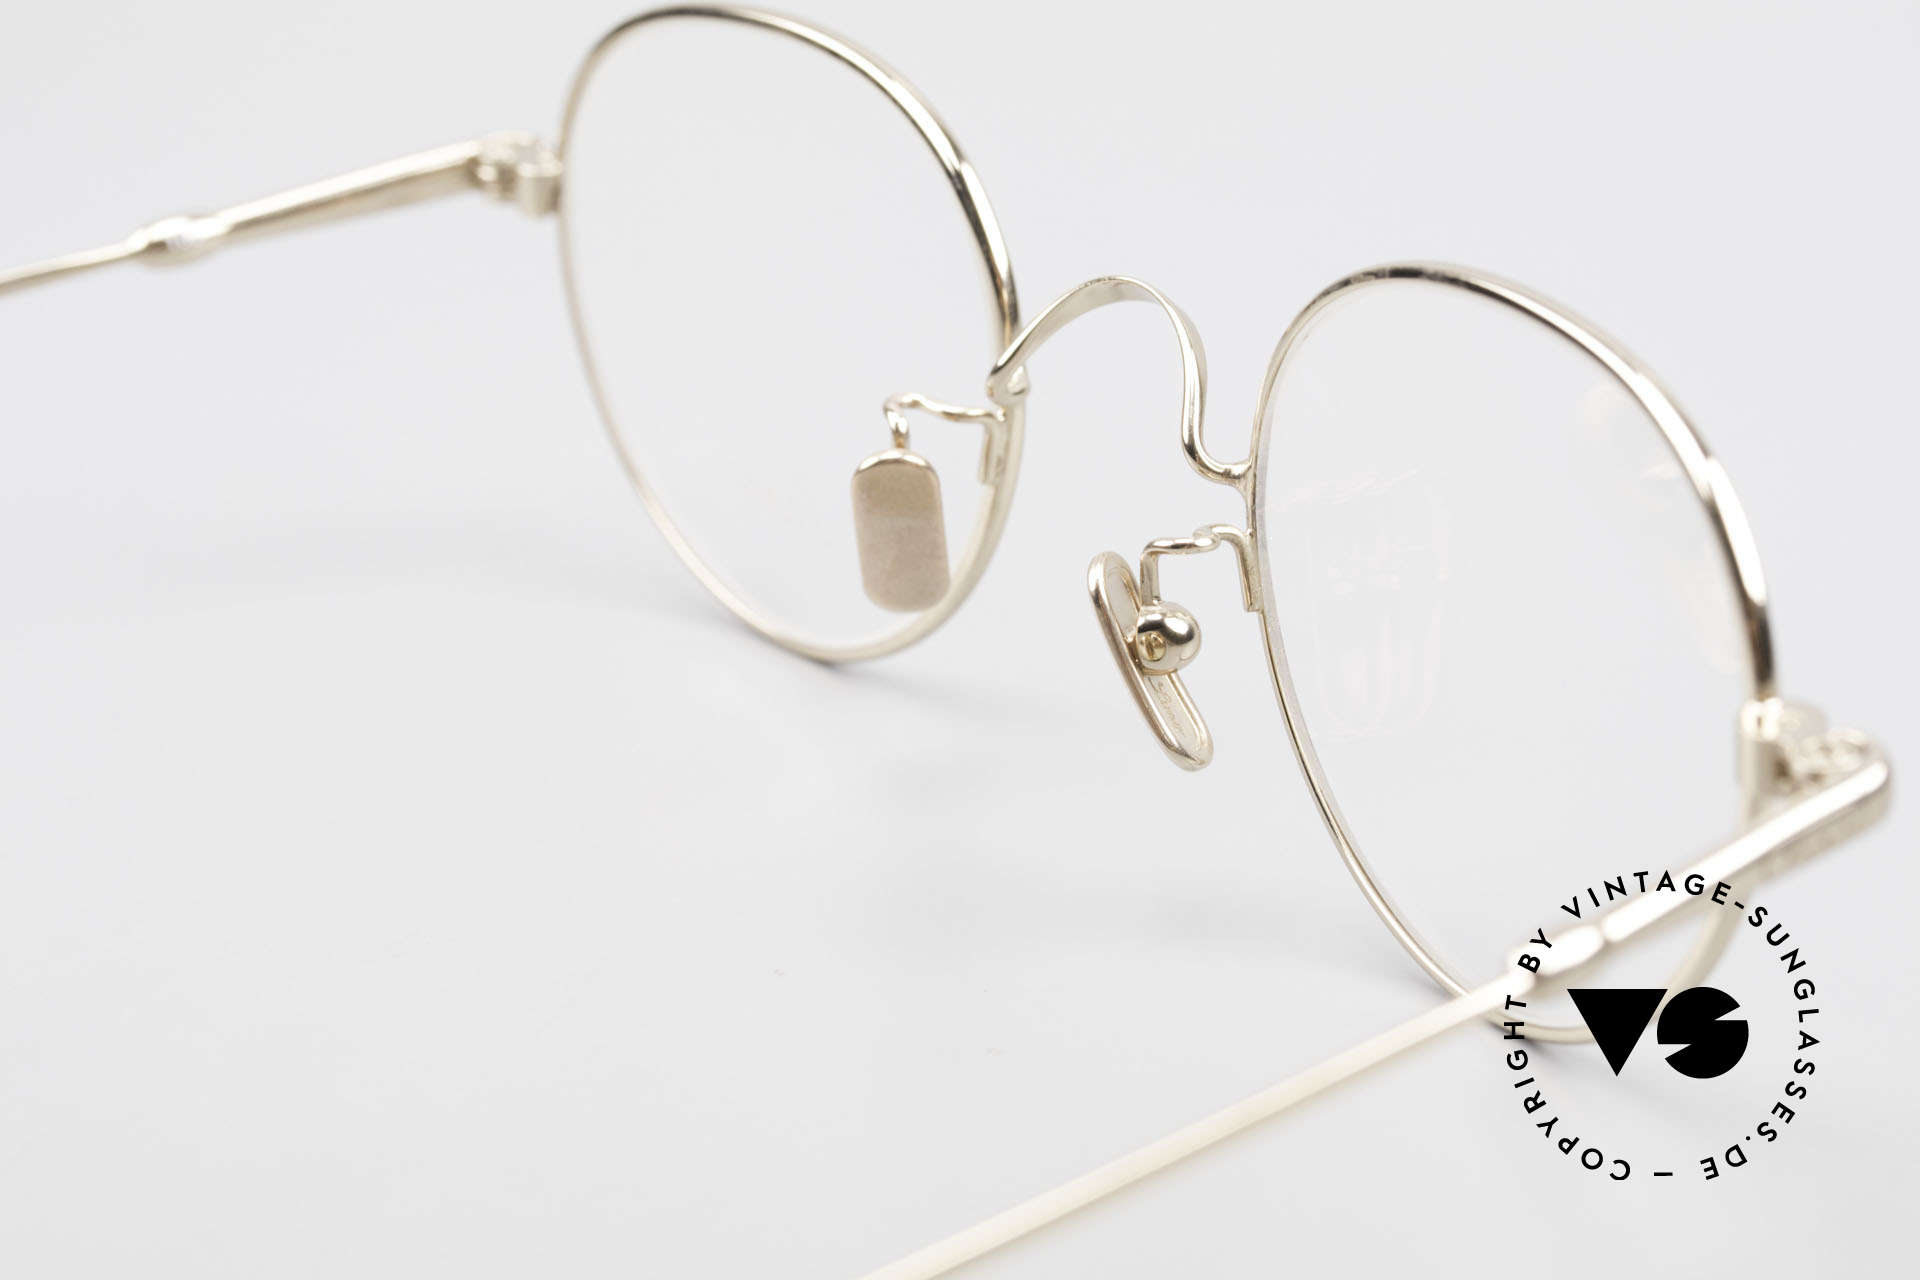 Lunor V 108 Bicolor Eyeglasses Titanium, of course, an unworn original with pure titanium pads, Made for Men